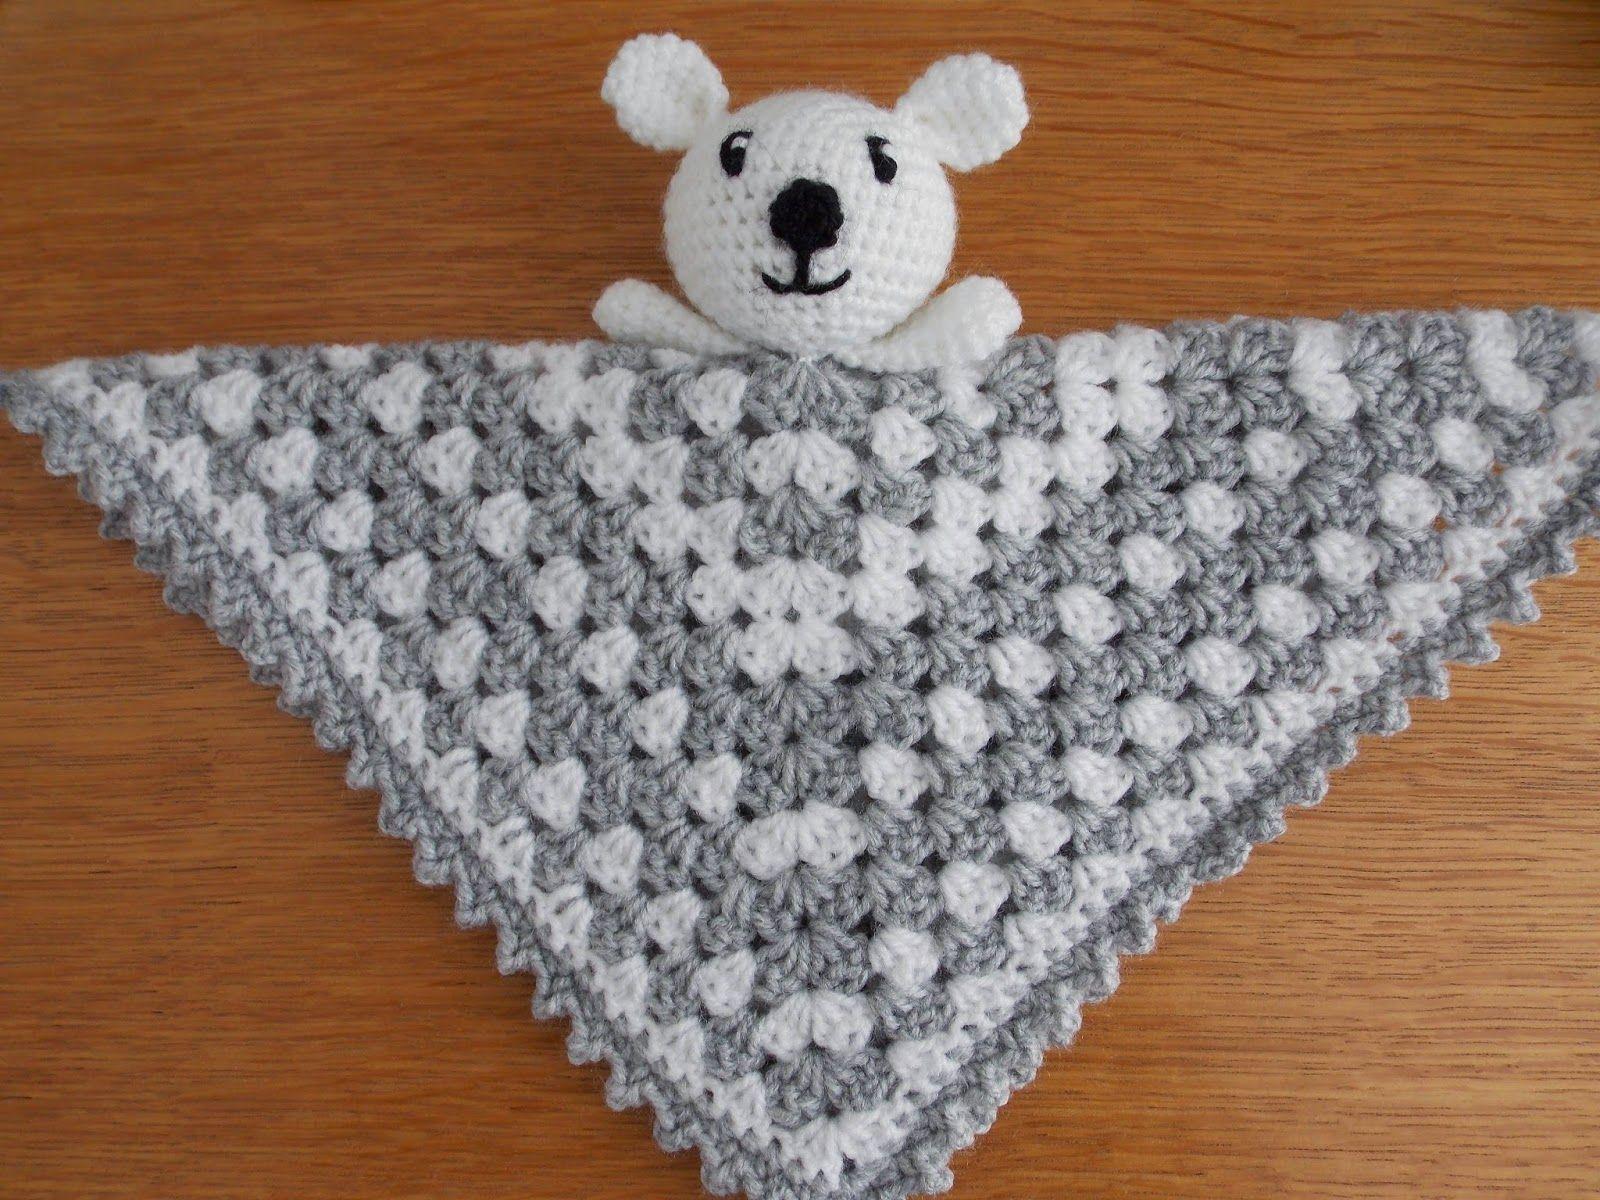 Cuddle Blanket For Baby Knuffeldoekje Crochet Babies Crochet